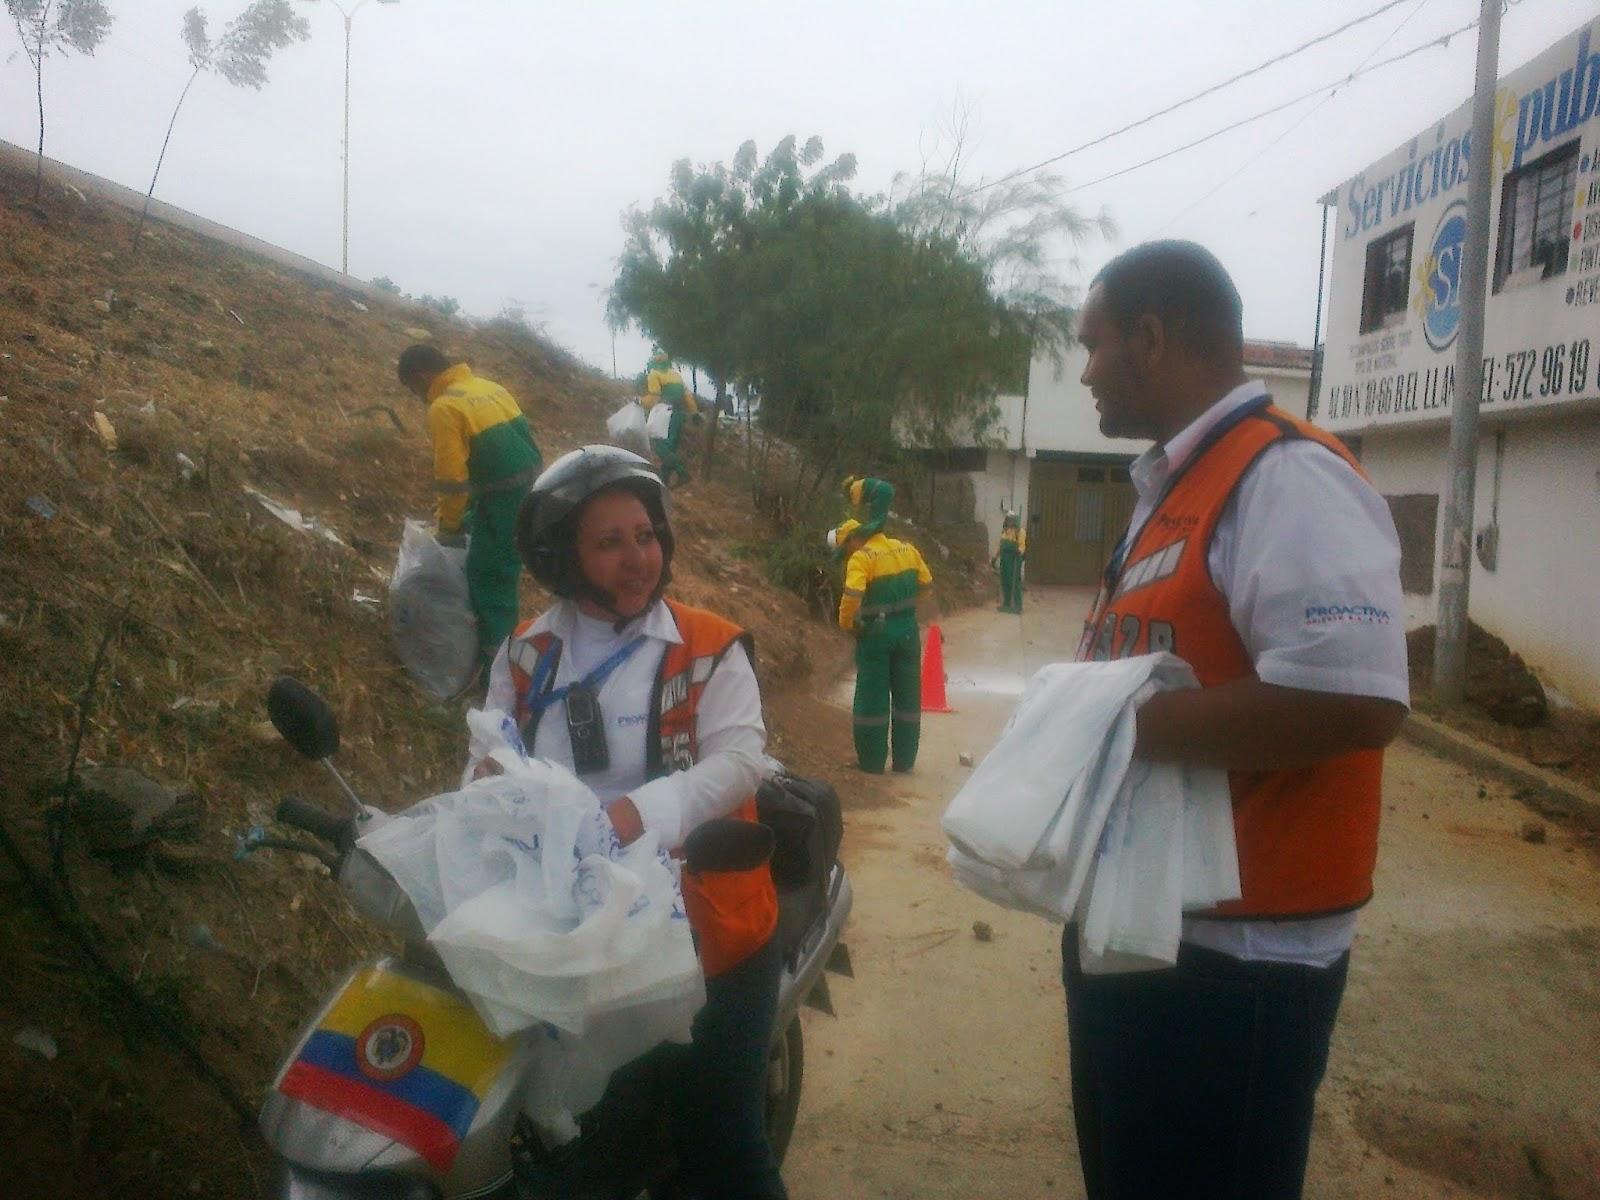 En Cúcuta-Colombia, Proactiva Oriente realiza limpieza en ecoparque Divino Niño-OngAE de Chapinero «Exclusiva FronteraNOTICIAS»